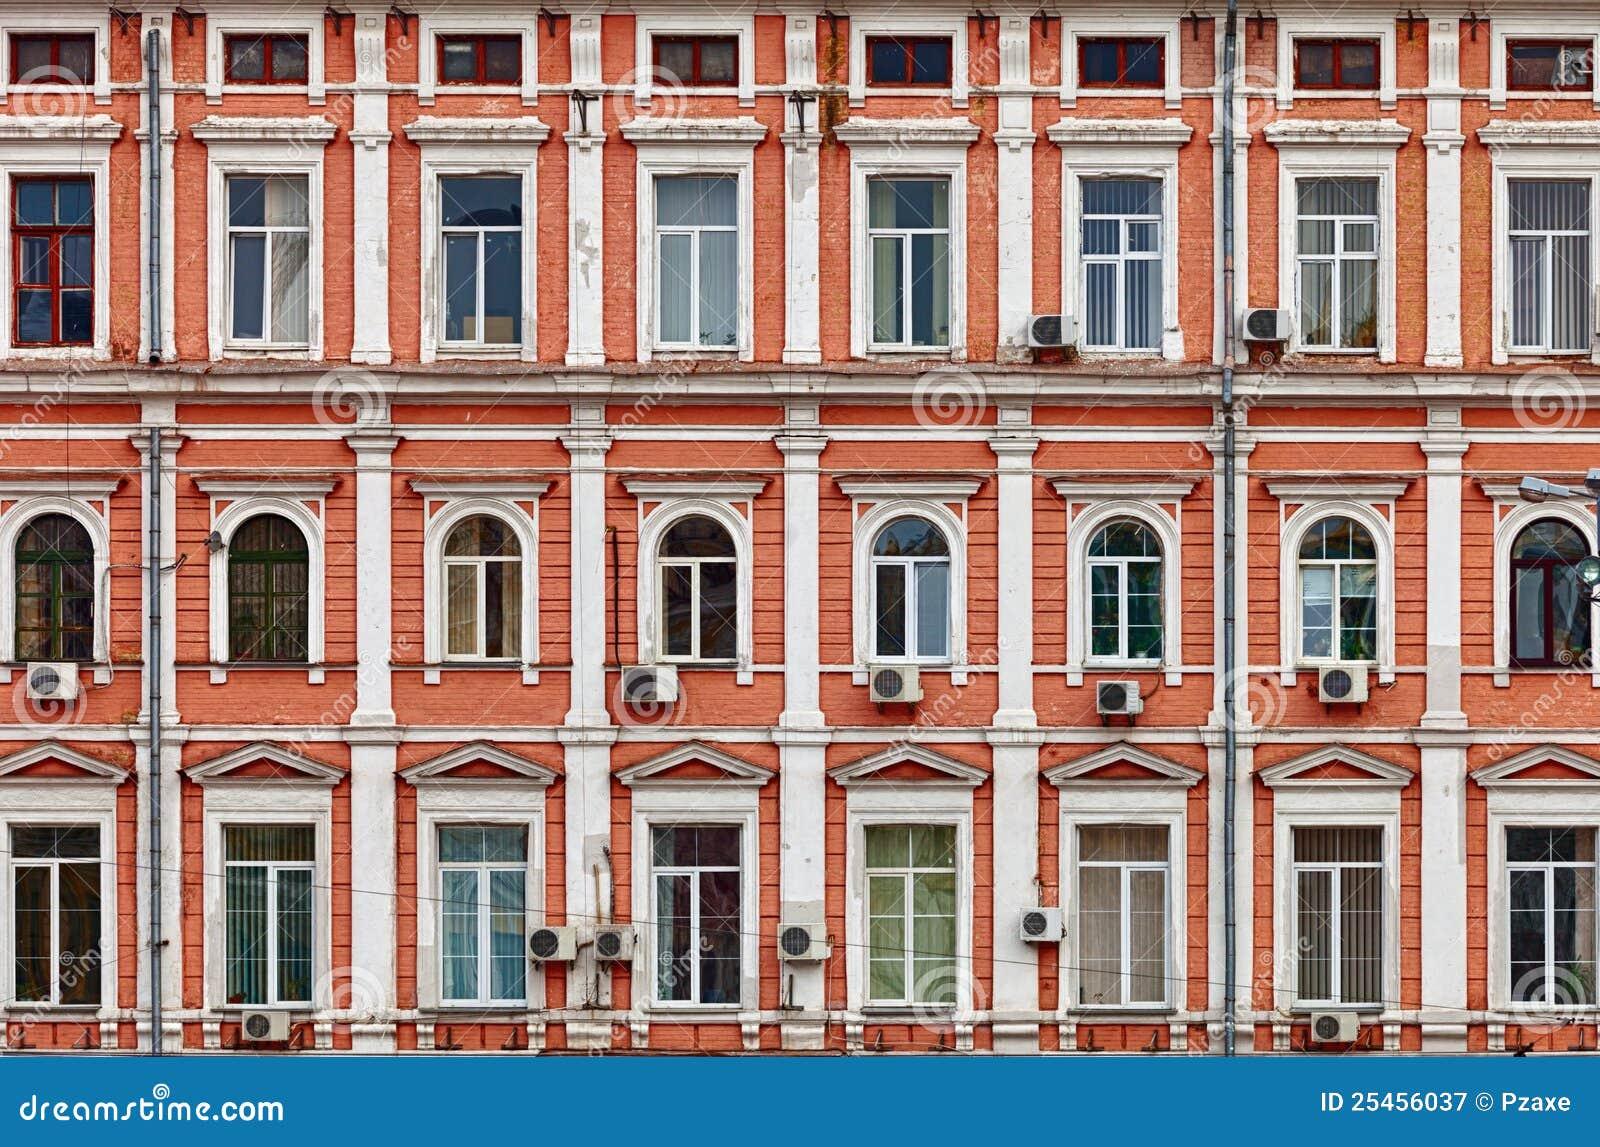 Latest facciata di una casa vecchia with una casa vecchia - Costi ristrutturazione casa vecchia ...